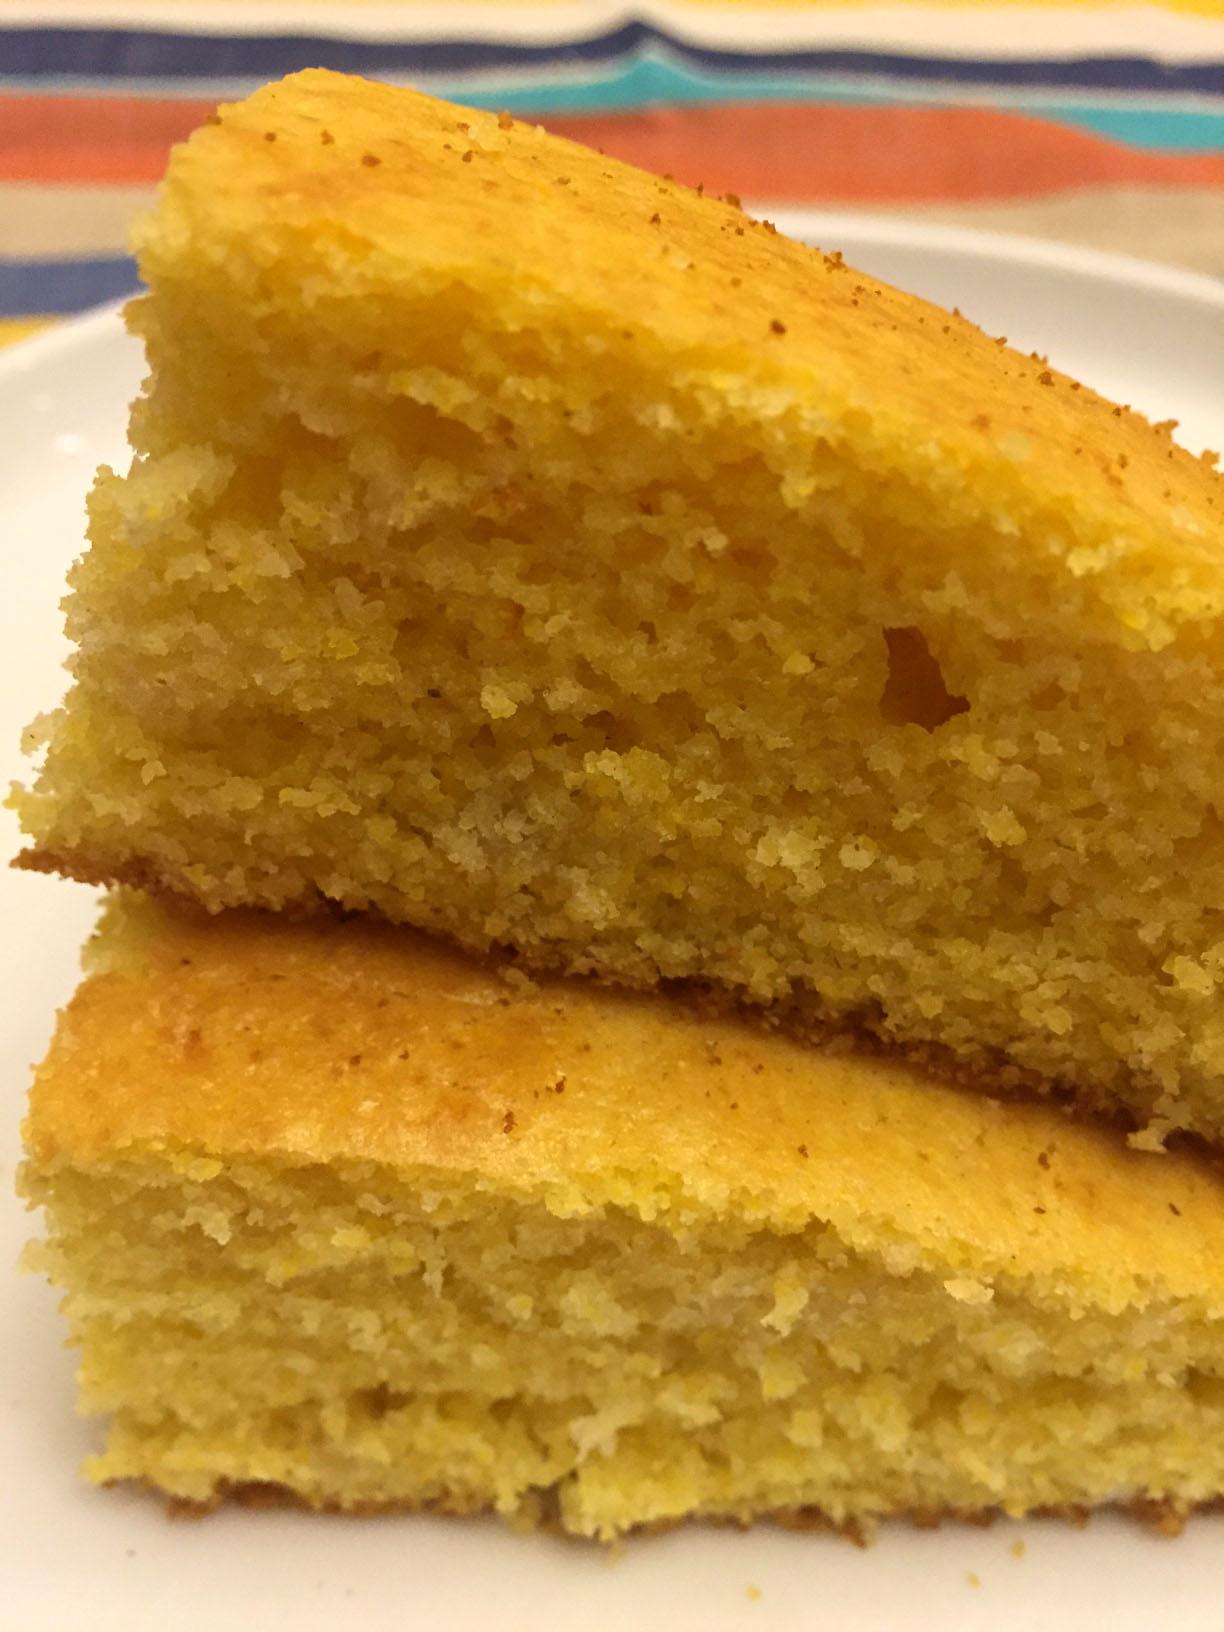 Easy Cornbread Recipe With Yellow Cake Mix